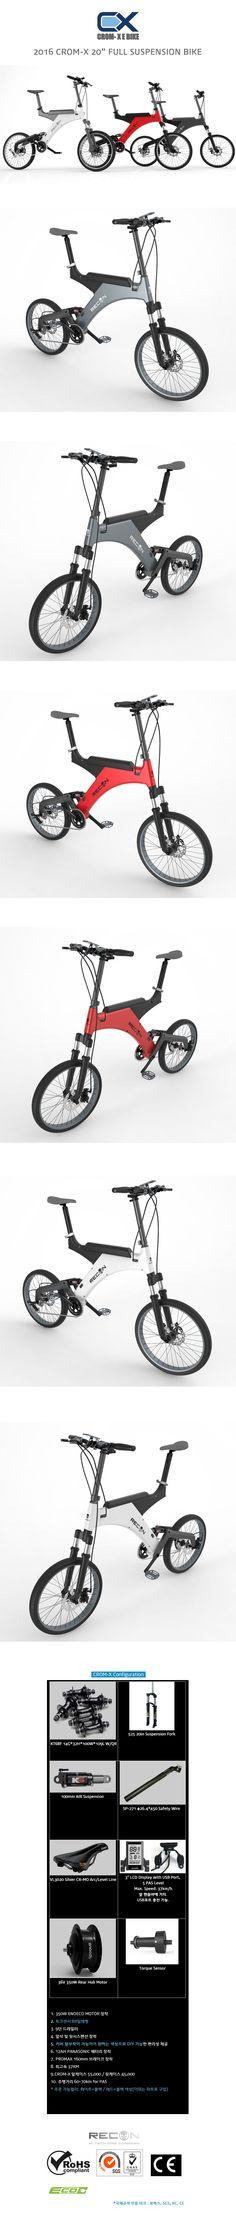 recon crom-x e-bike